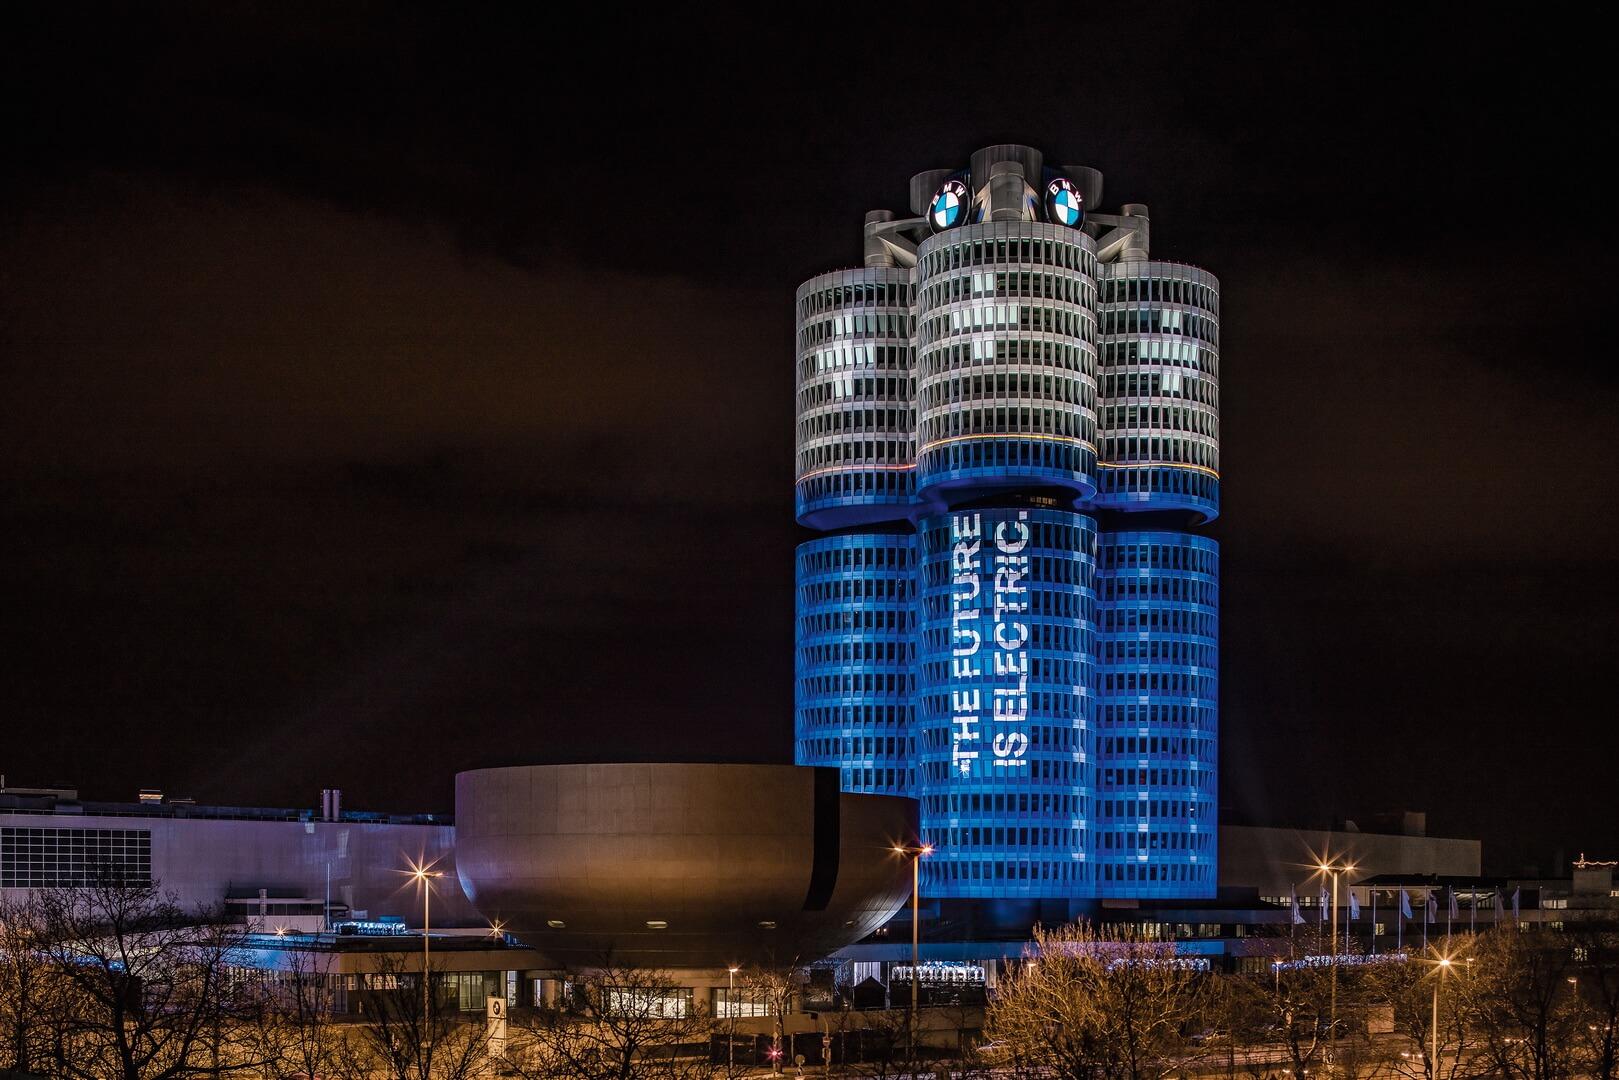 Підсвічування у вигляді батарей штаб-квартири BMW символізує технологічні зміни